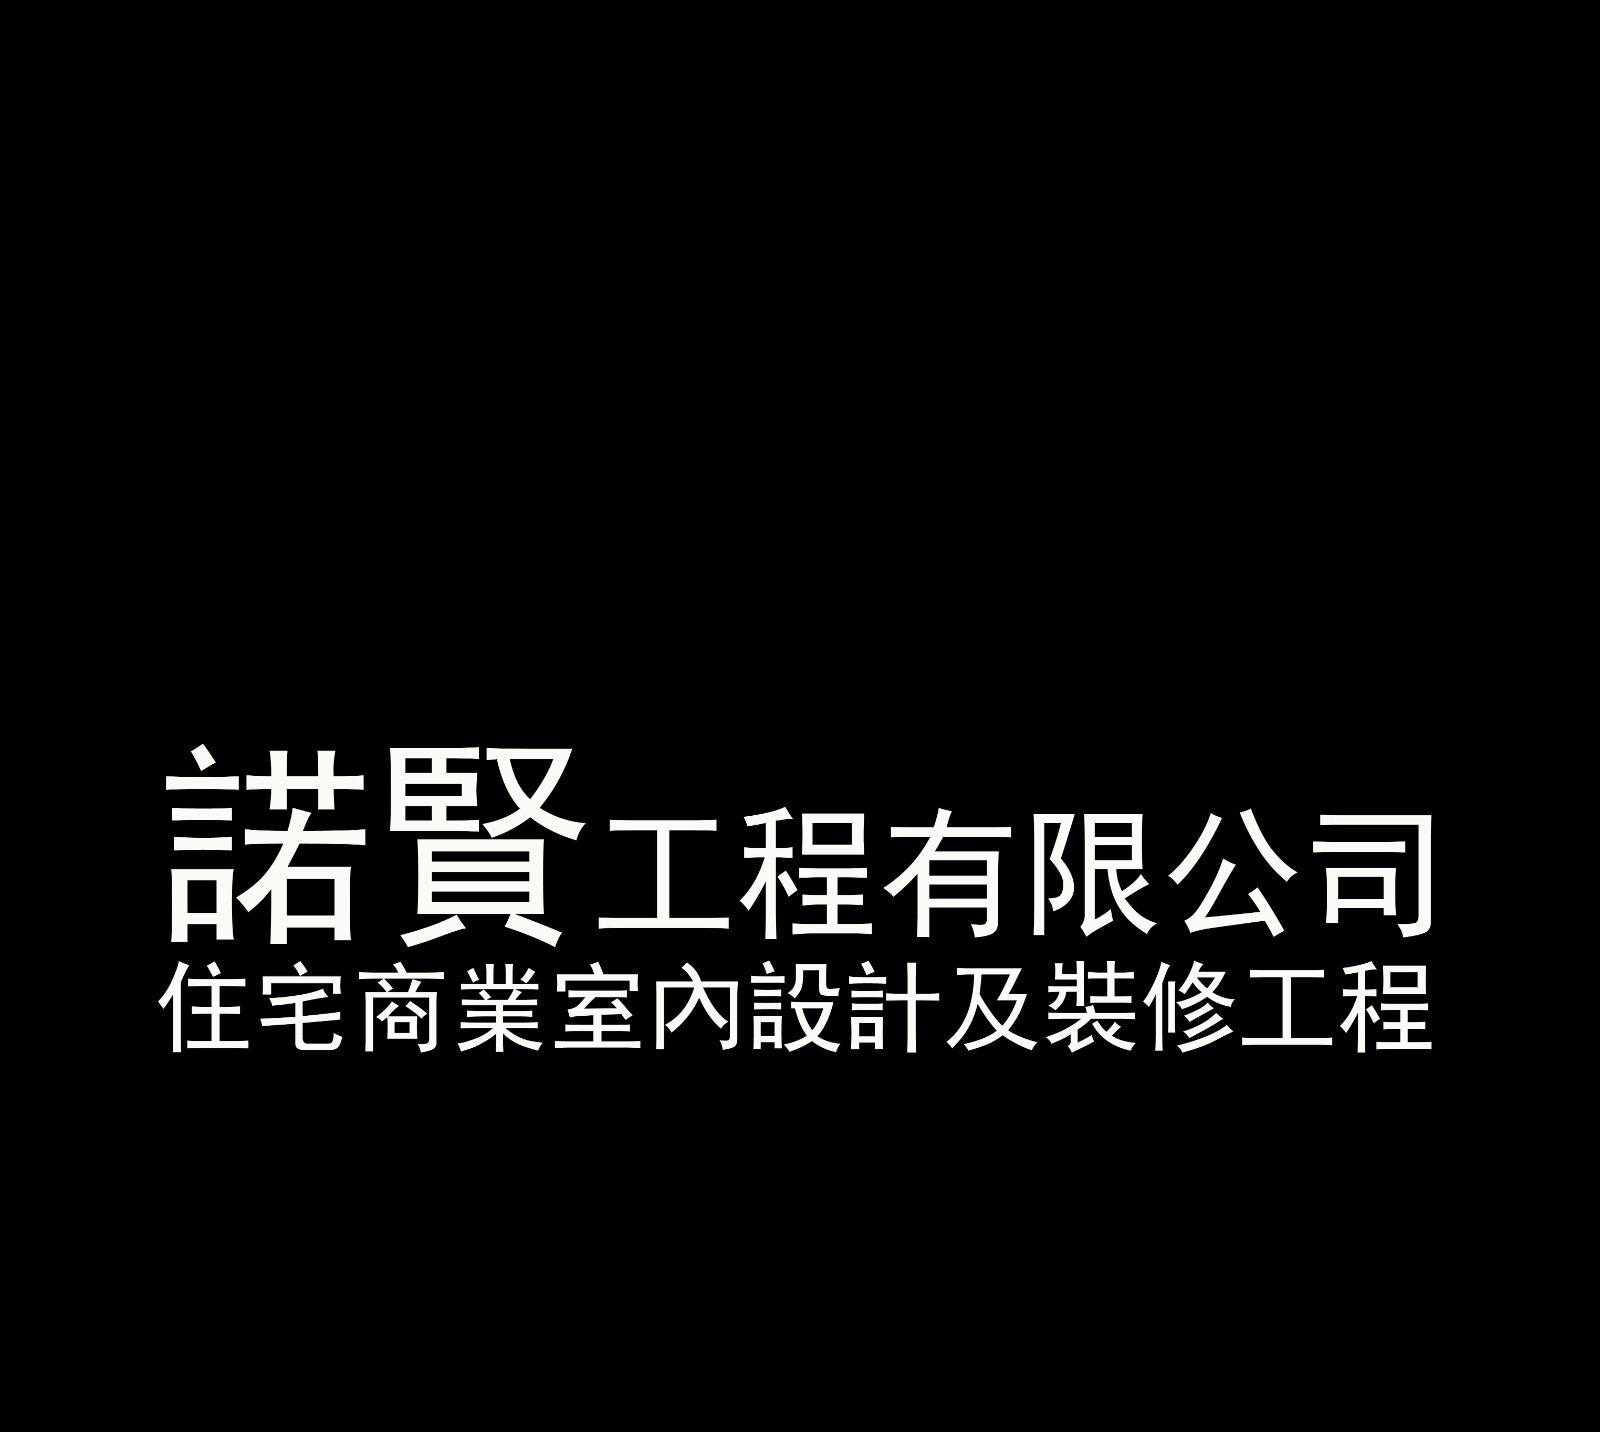 諾賢工程有限公司